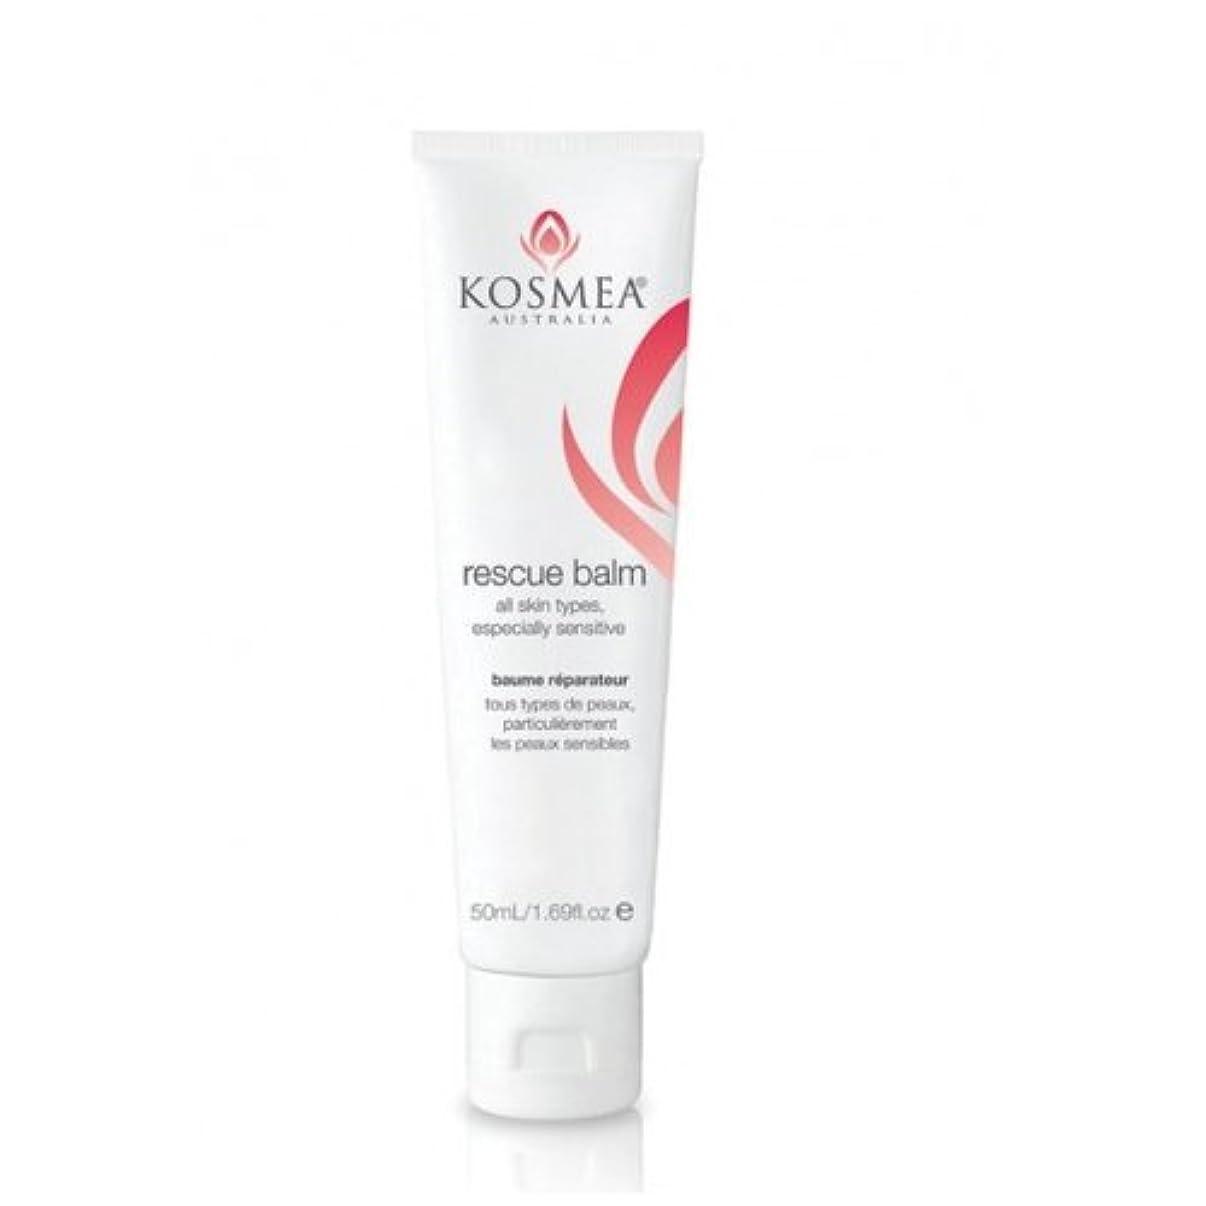 配管工社会主義者ギャップ【KOSMEA】Skin Clinic TM Rescue Balm コスメア レスキューバーム 50ml【並行輸入品】【海外直送品】